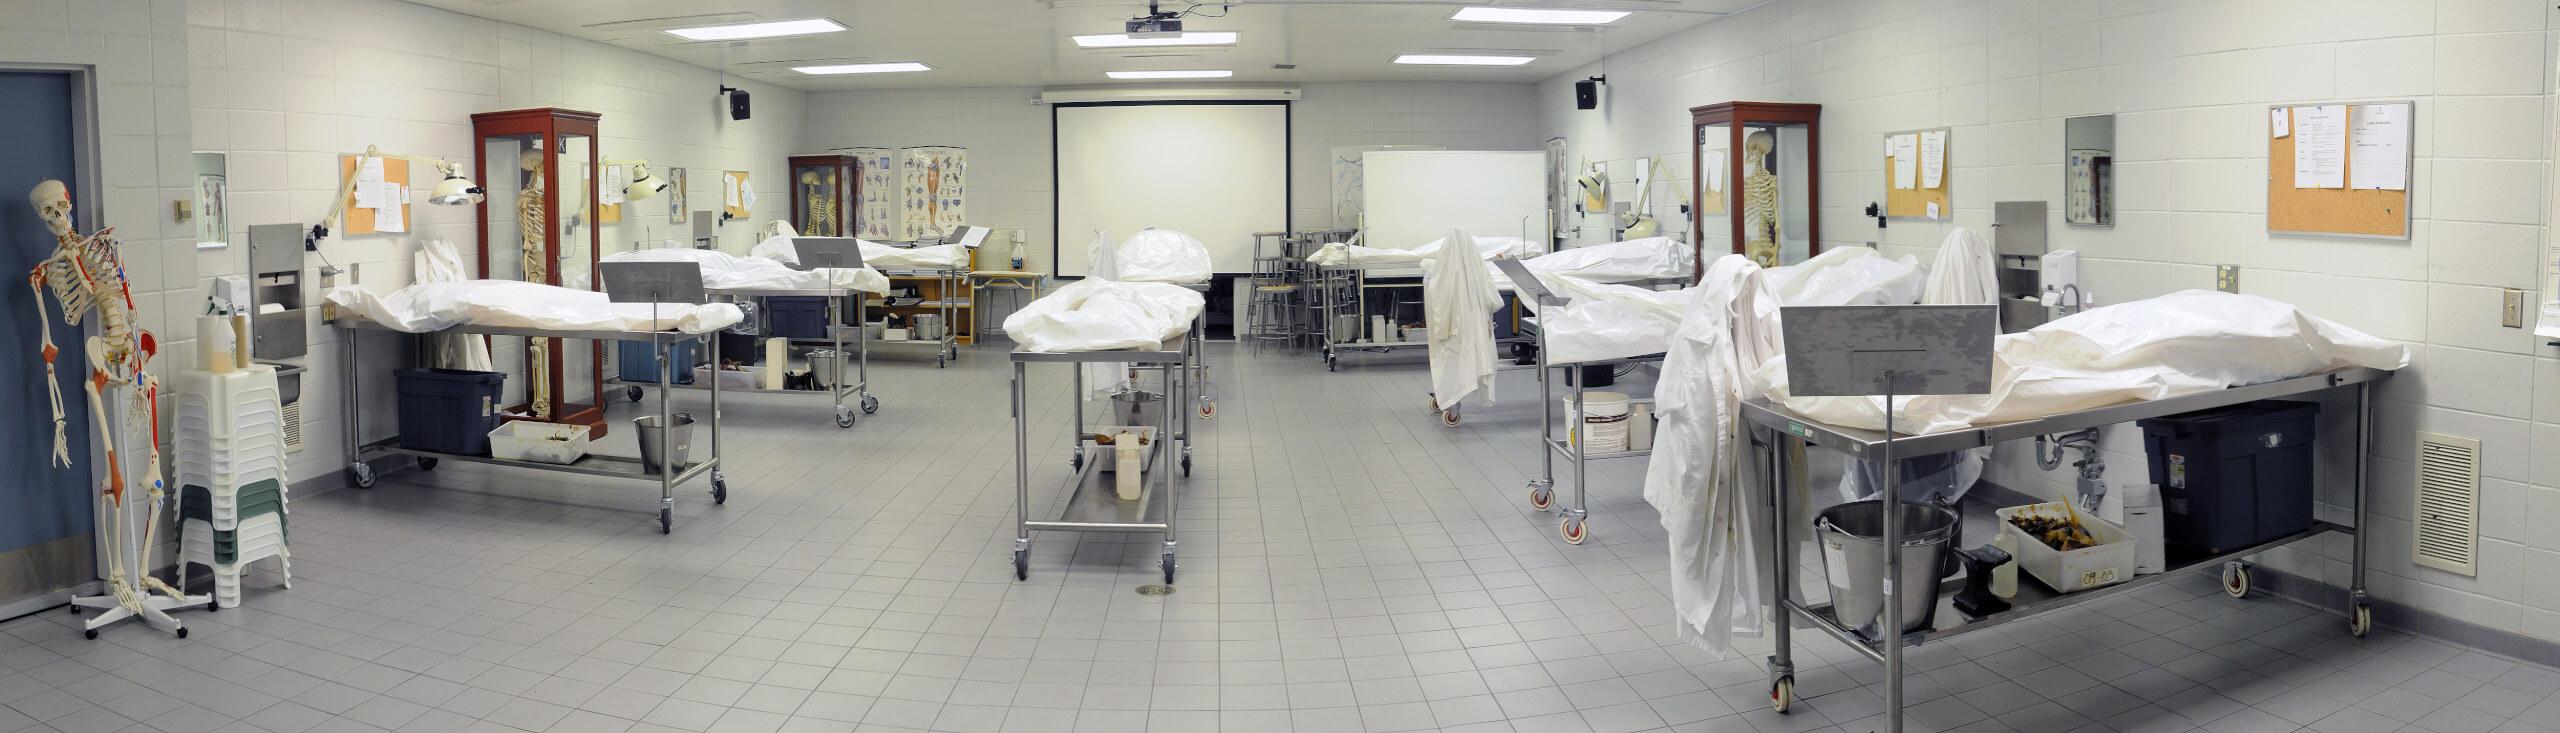 Le Laboratoire d'anatomie humaine de l'UQTR : lieu unique de formation et de recherche